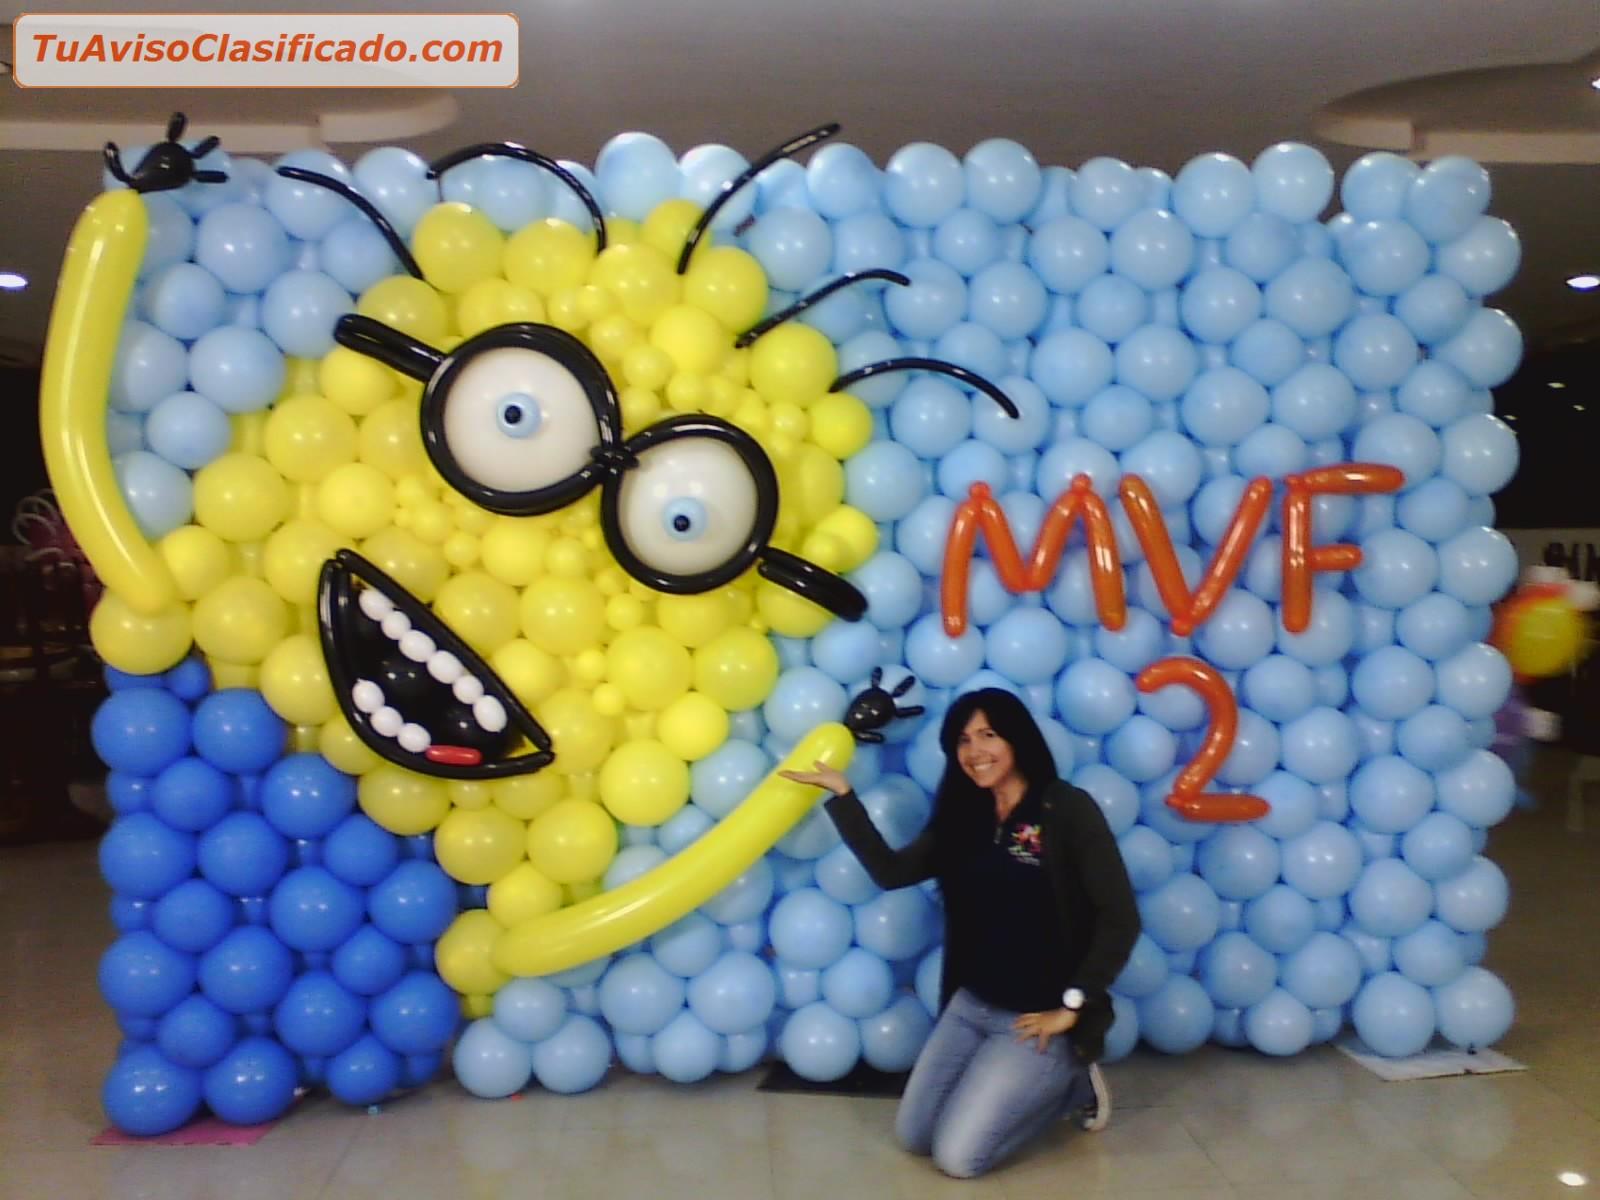 Curso de decoraci n con globos cursos formaci n y for Cursos de muebleria gratis